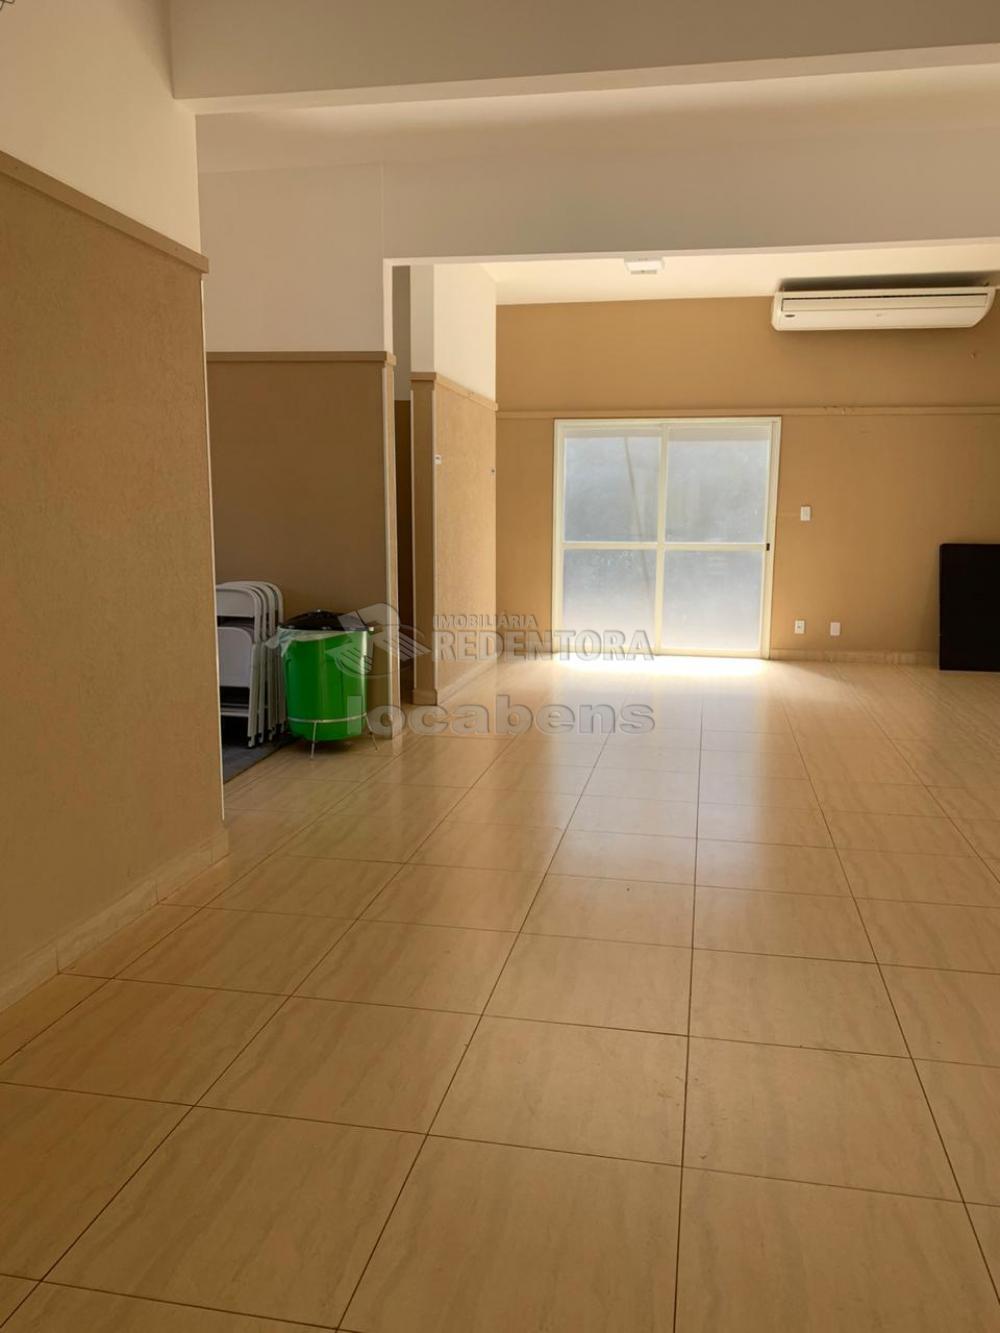 Alugar Apartamento / Padrão em São José do Rio Preto R$ 550,00 - Foto 11